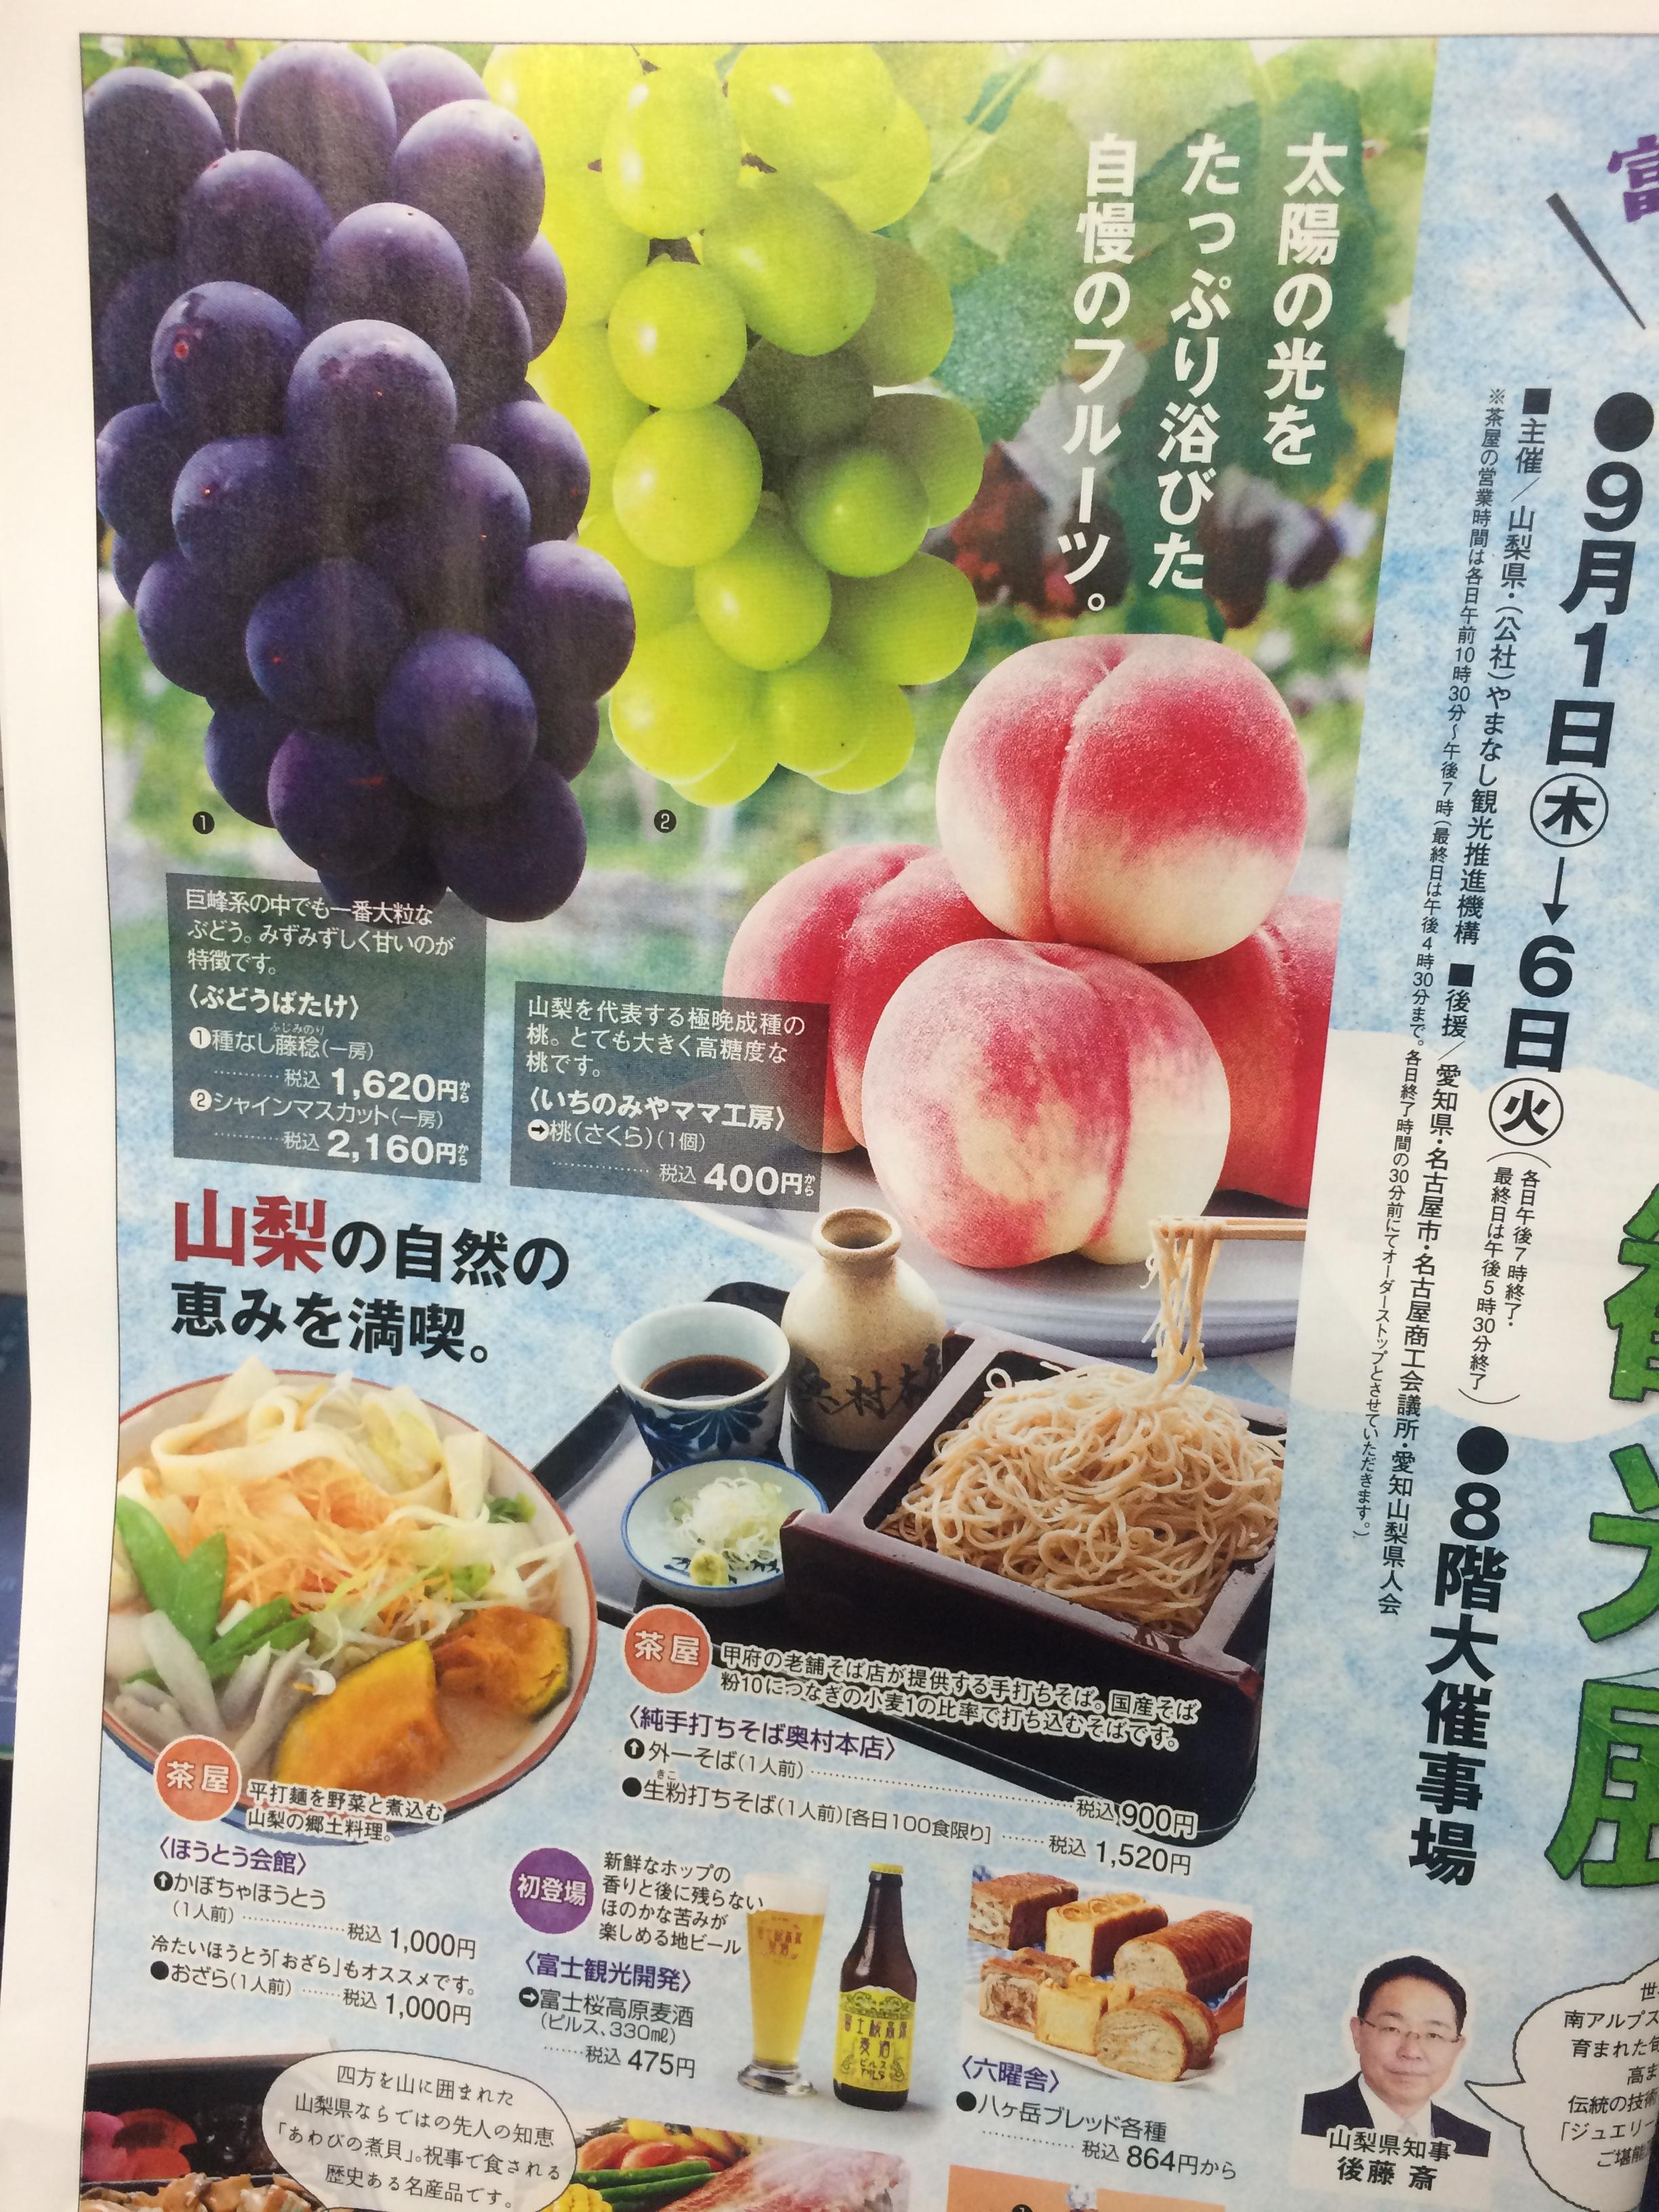 http://www.yamanashi-kankou.jp/blog/%E3%83%95%E3%83%AB%E3%83%BC%E3%83%84.jpg